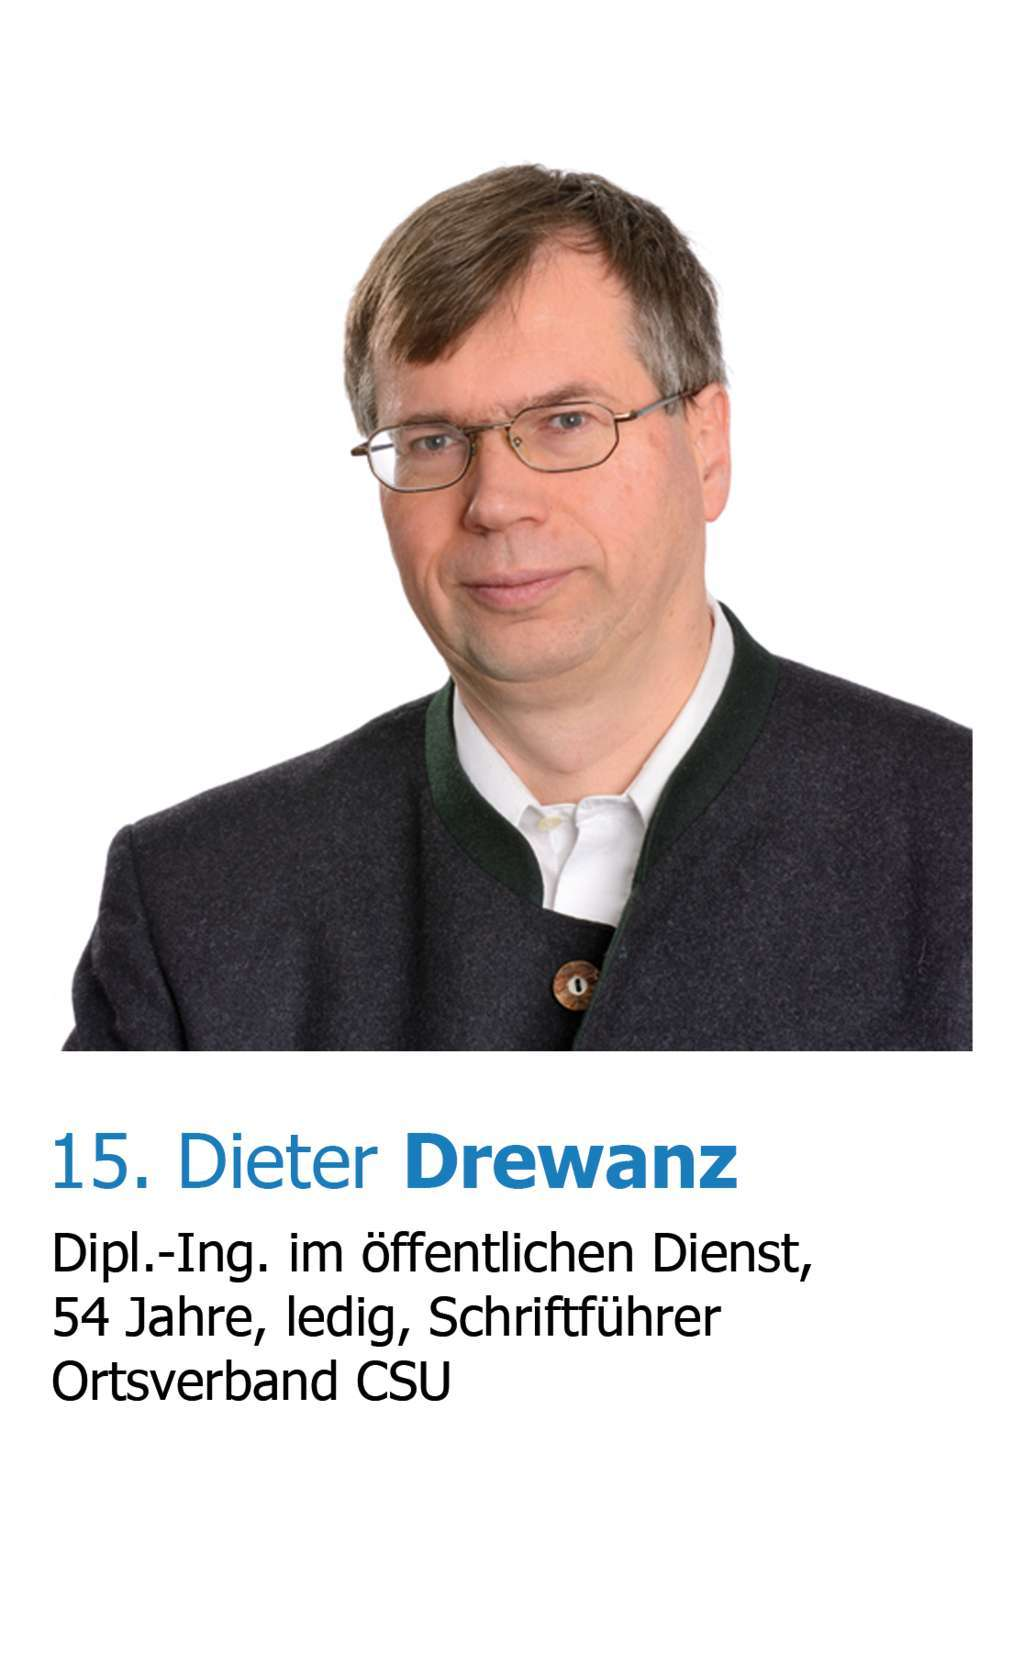 Dieter Drewanz